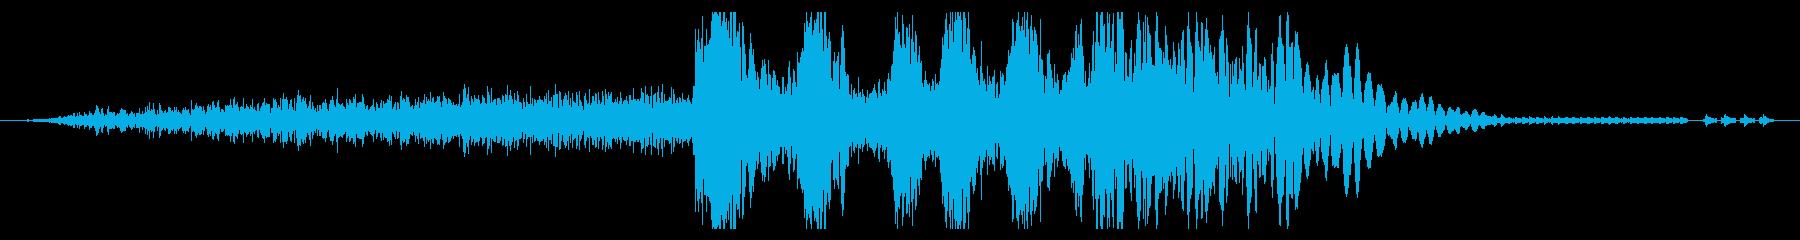 レーザーキャノン:マルチブラスト、...の再生済みの波形